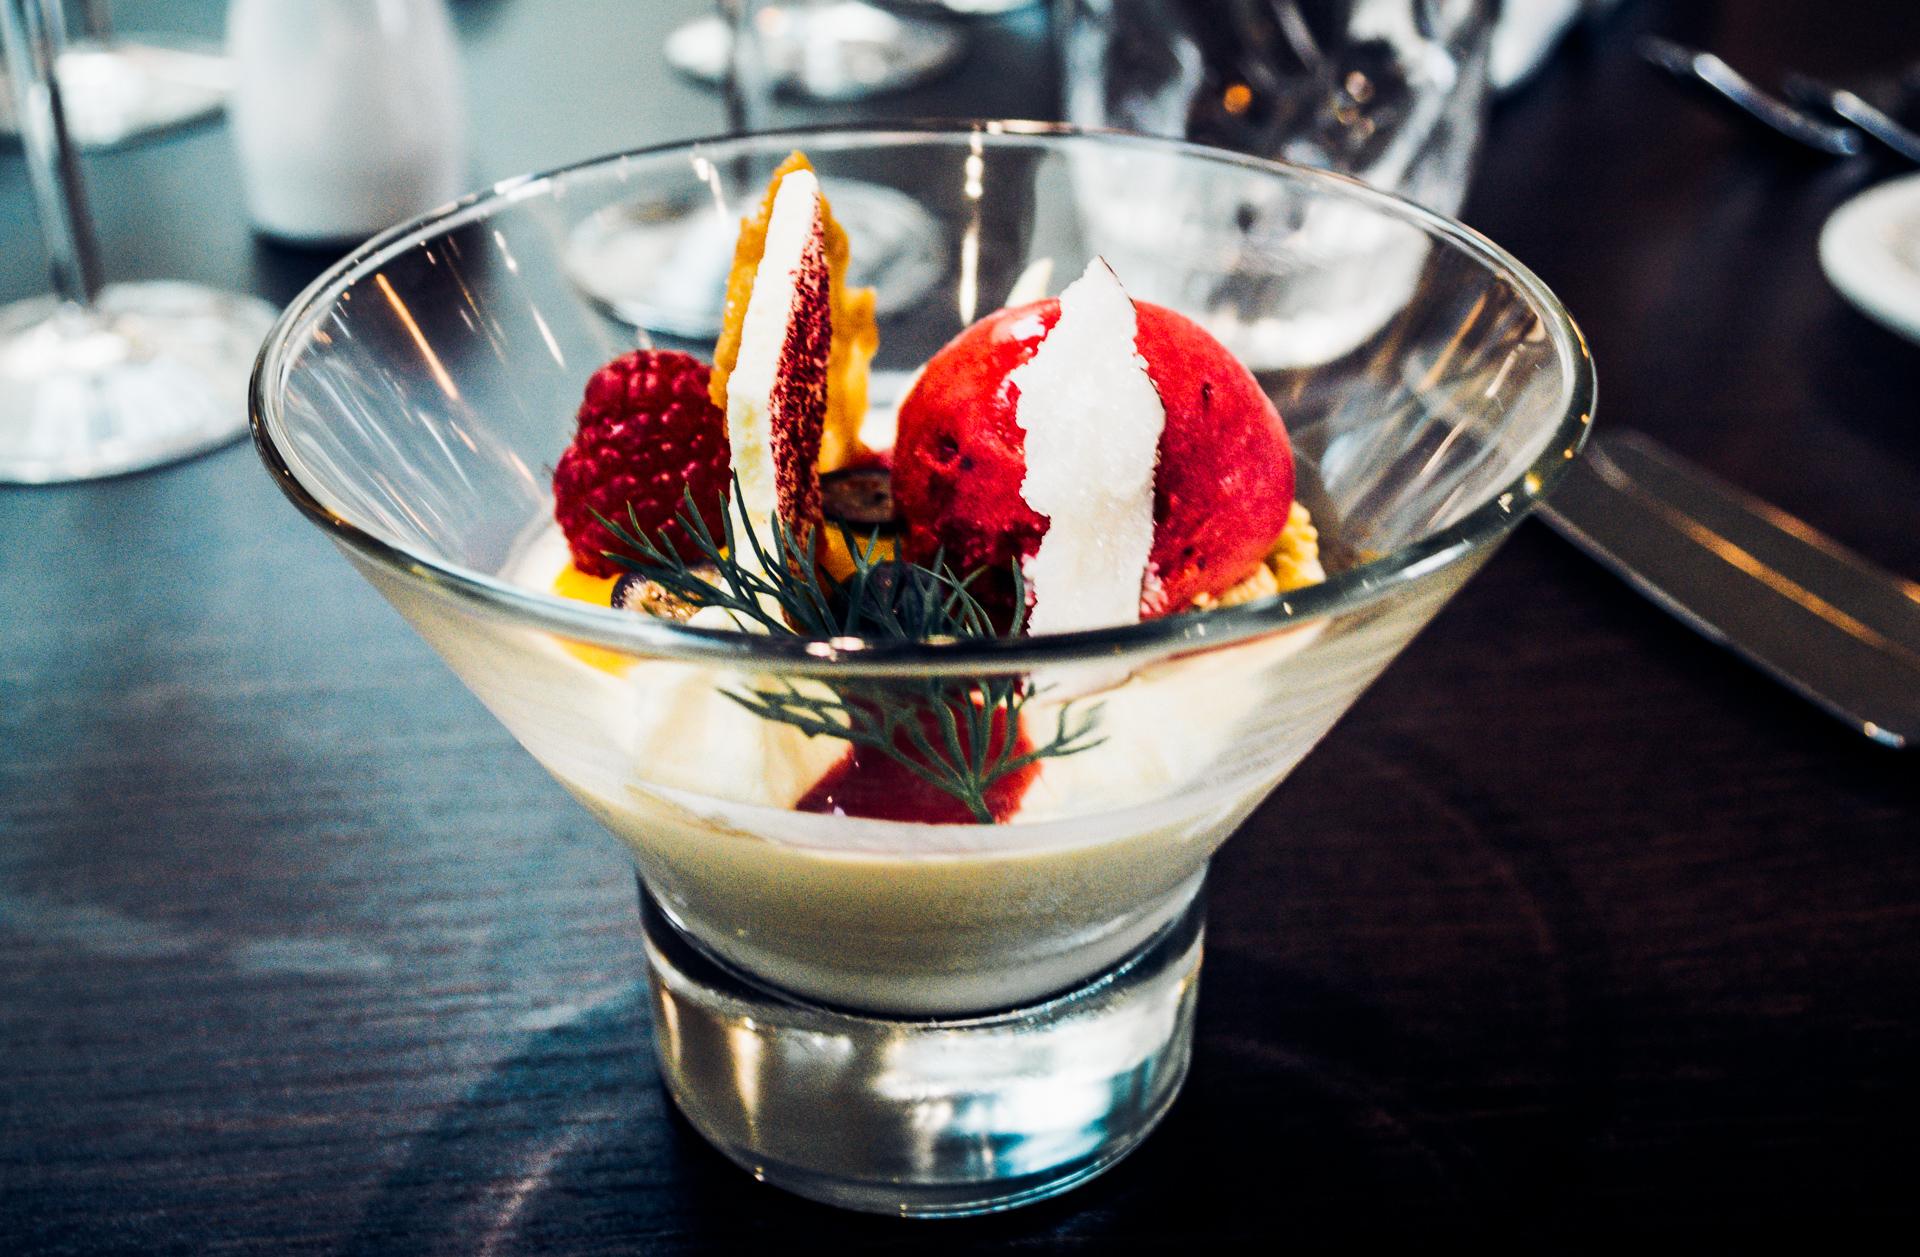 cheffins-beaumont-jersey-vanilla-panna-cotta